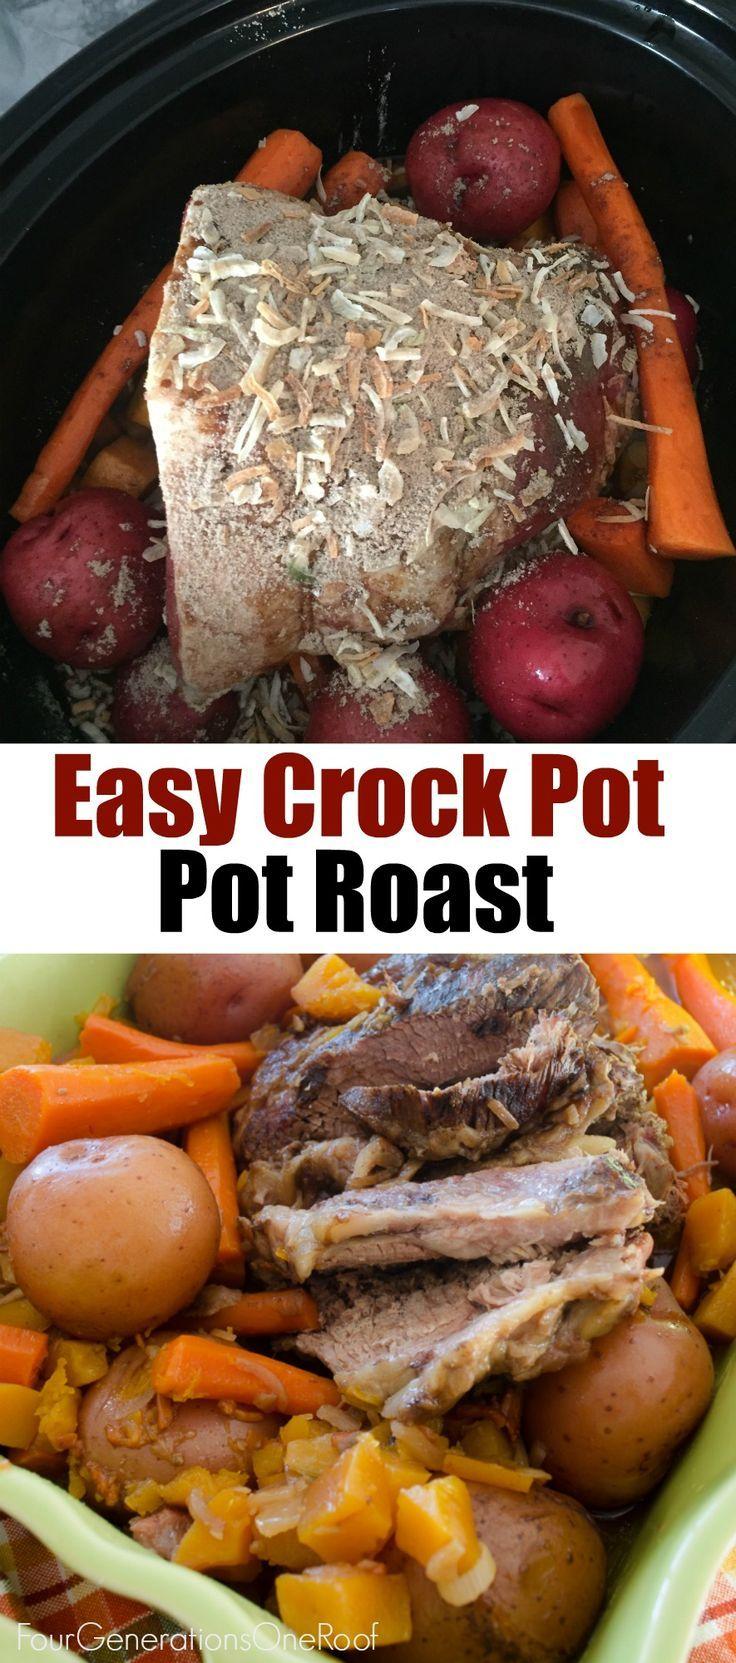 Crock Pot Pot Roast Recipe Onion Soup Crockpot Pot Roast Recipes Onion Soup Recipes